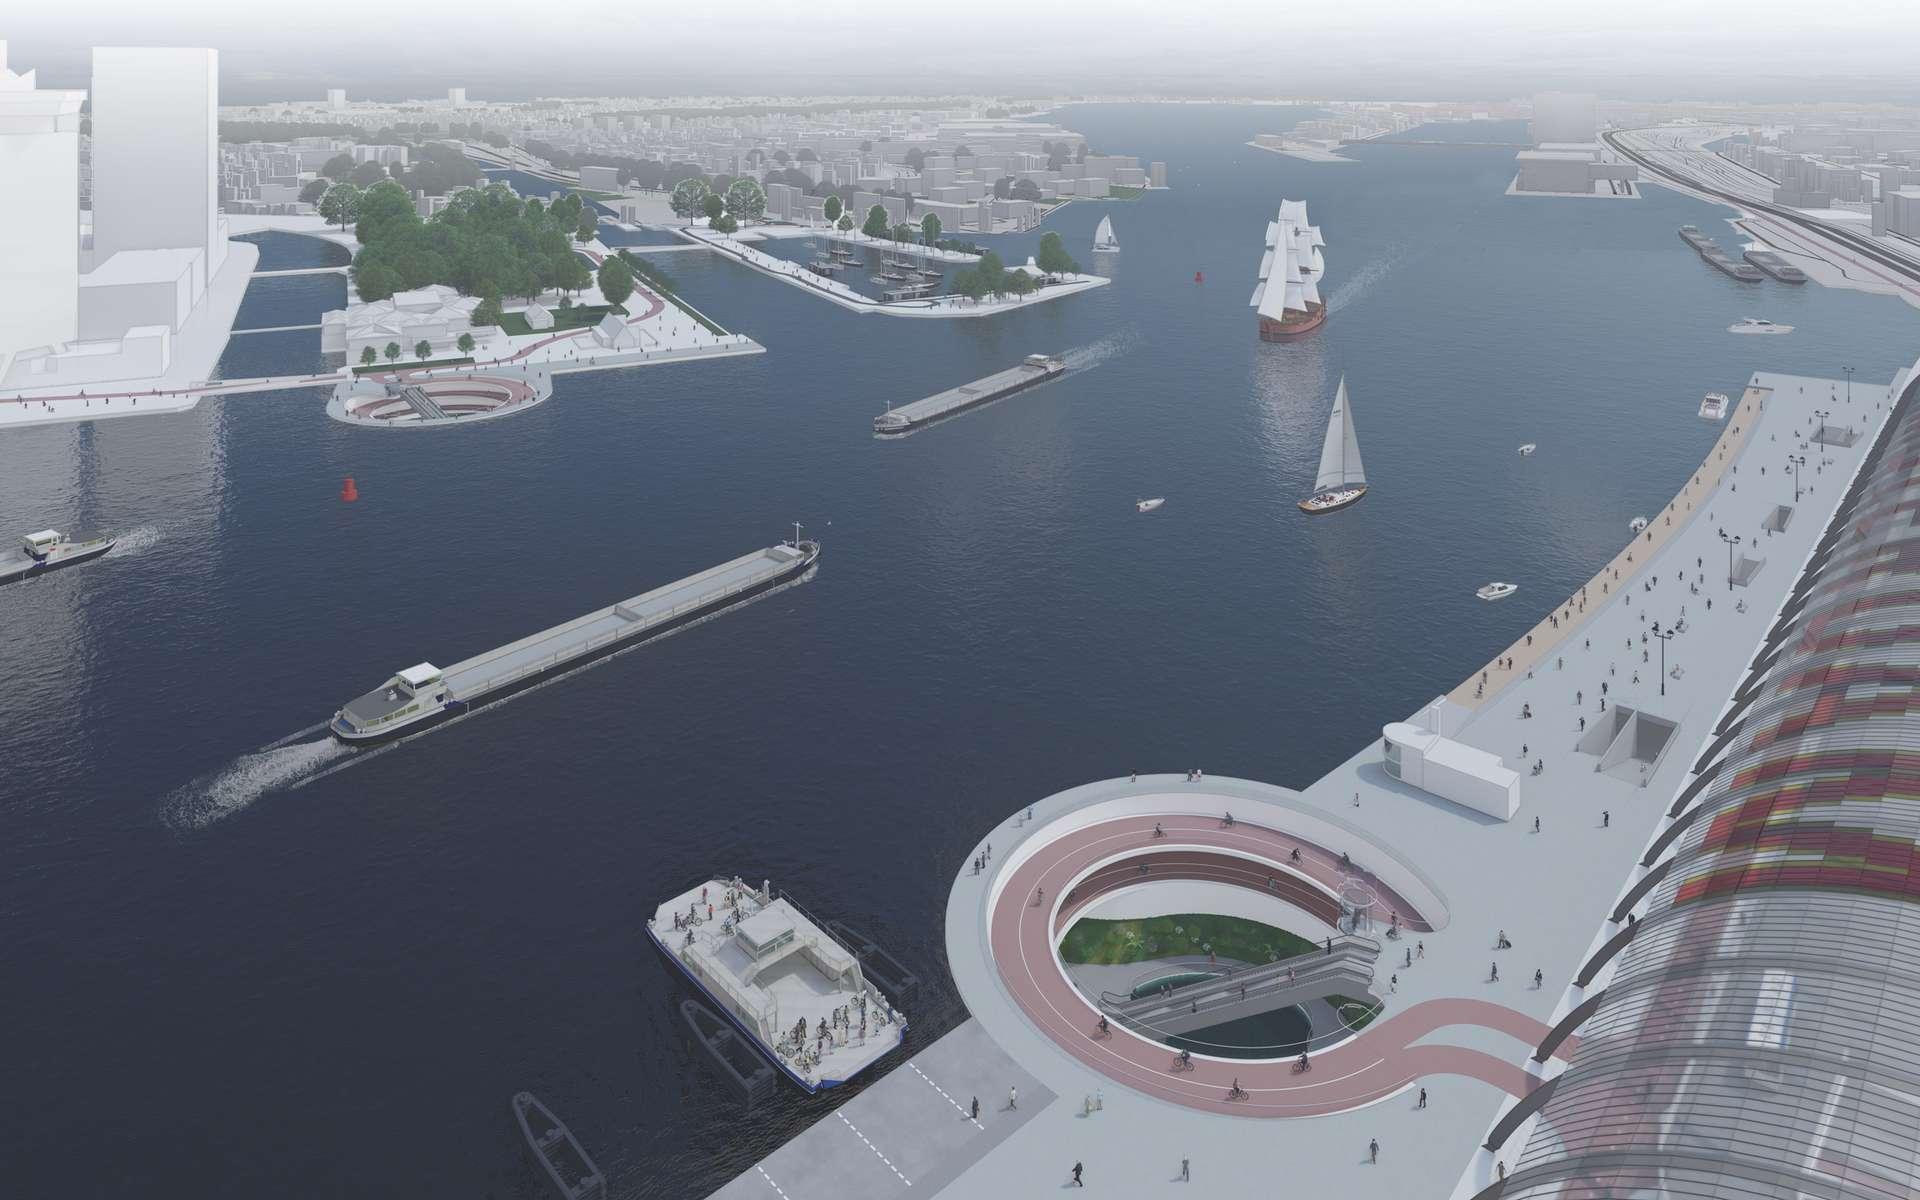 Le projet fou d'une piste cyclable sous le lac IJ à Amsterdam. © Courtesy of Syb van Breda & Co